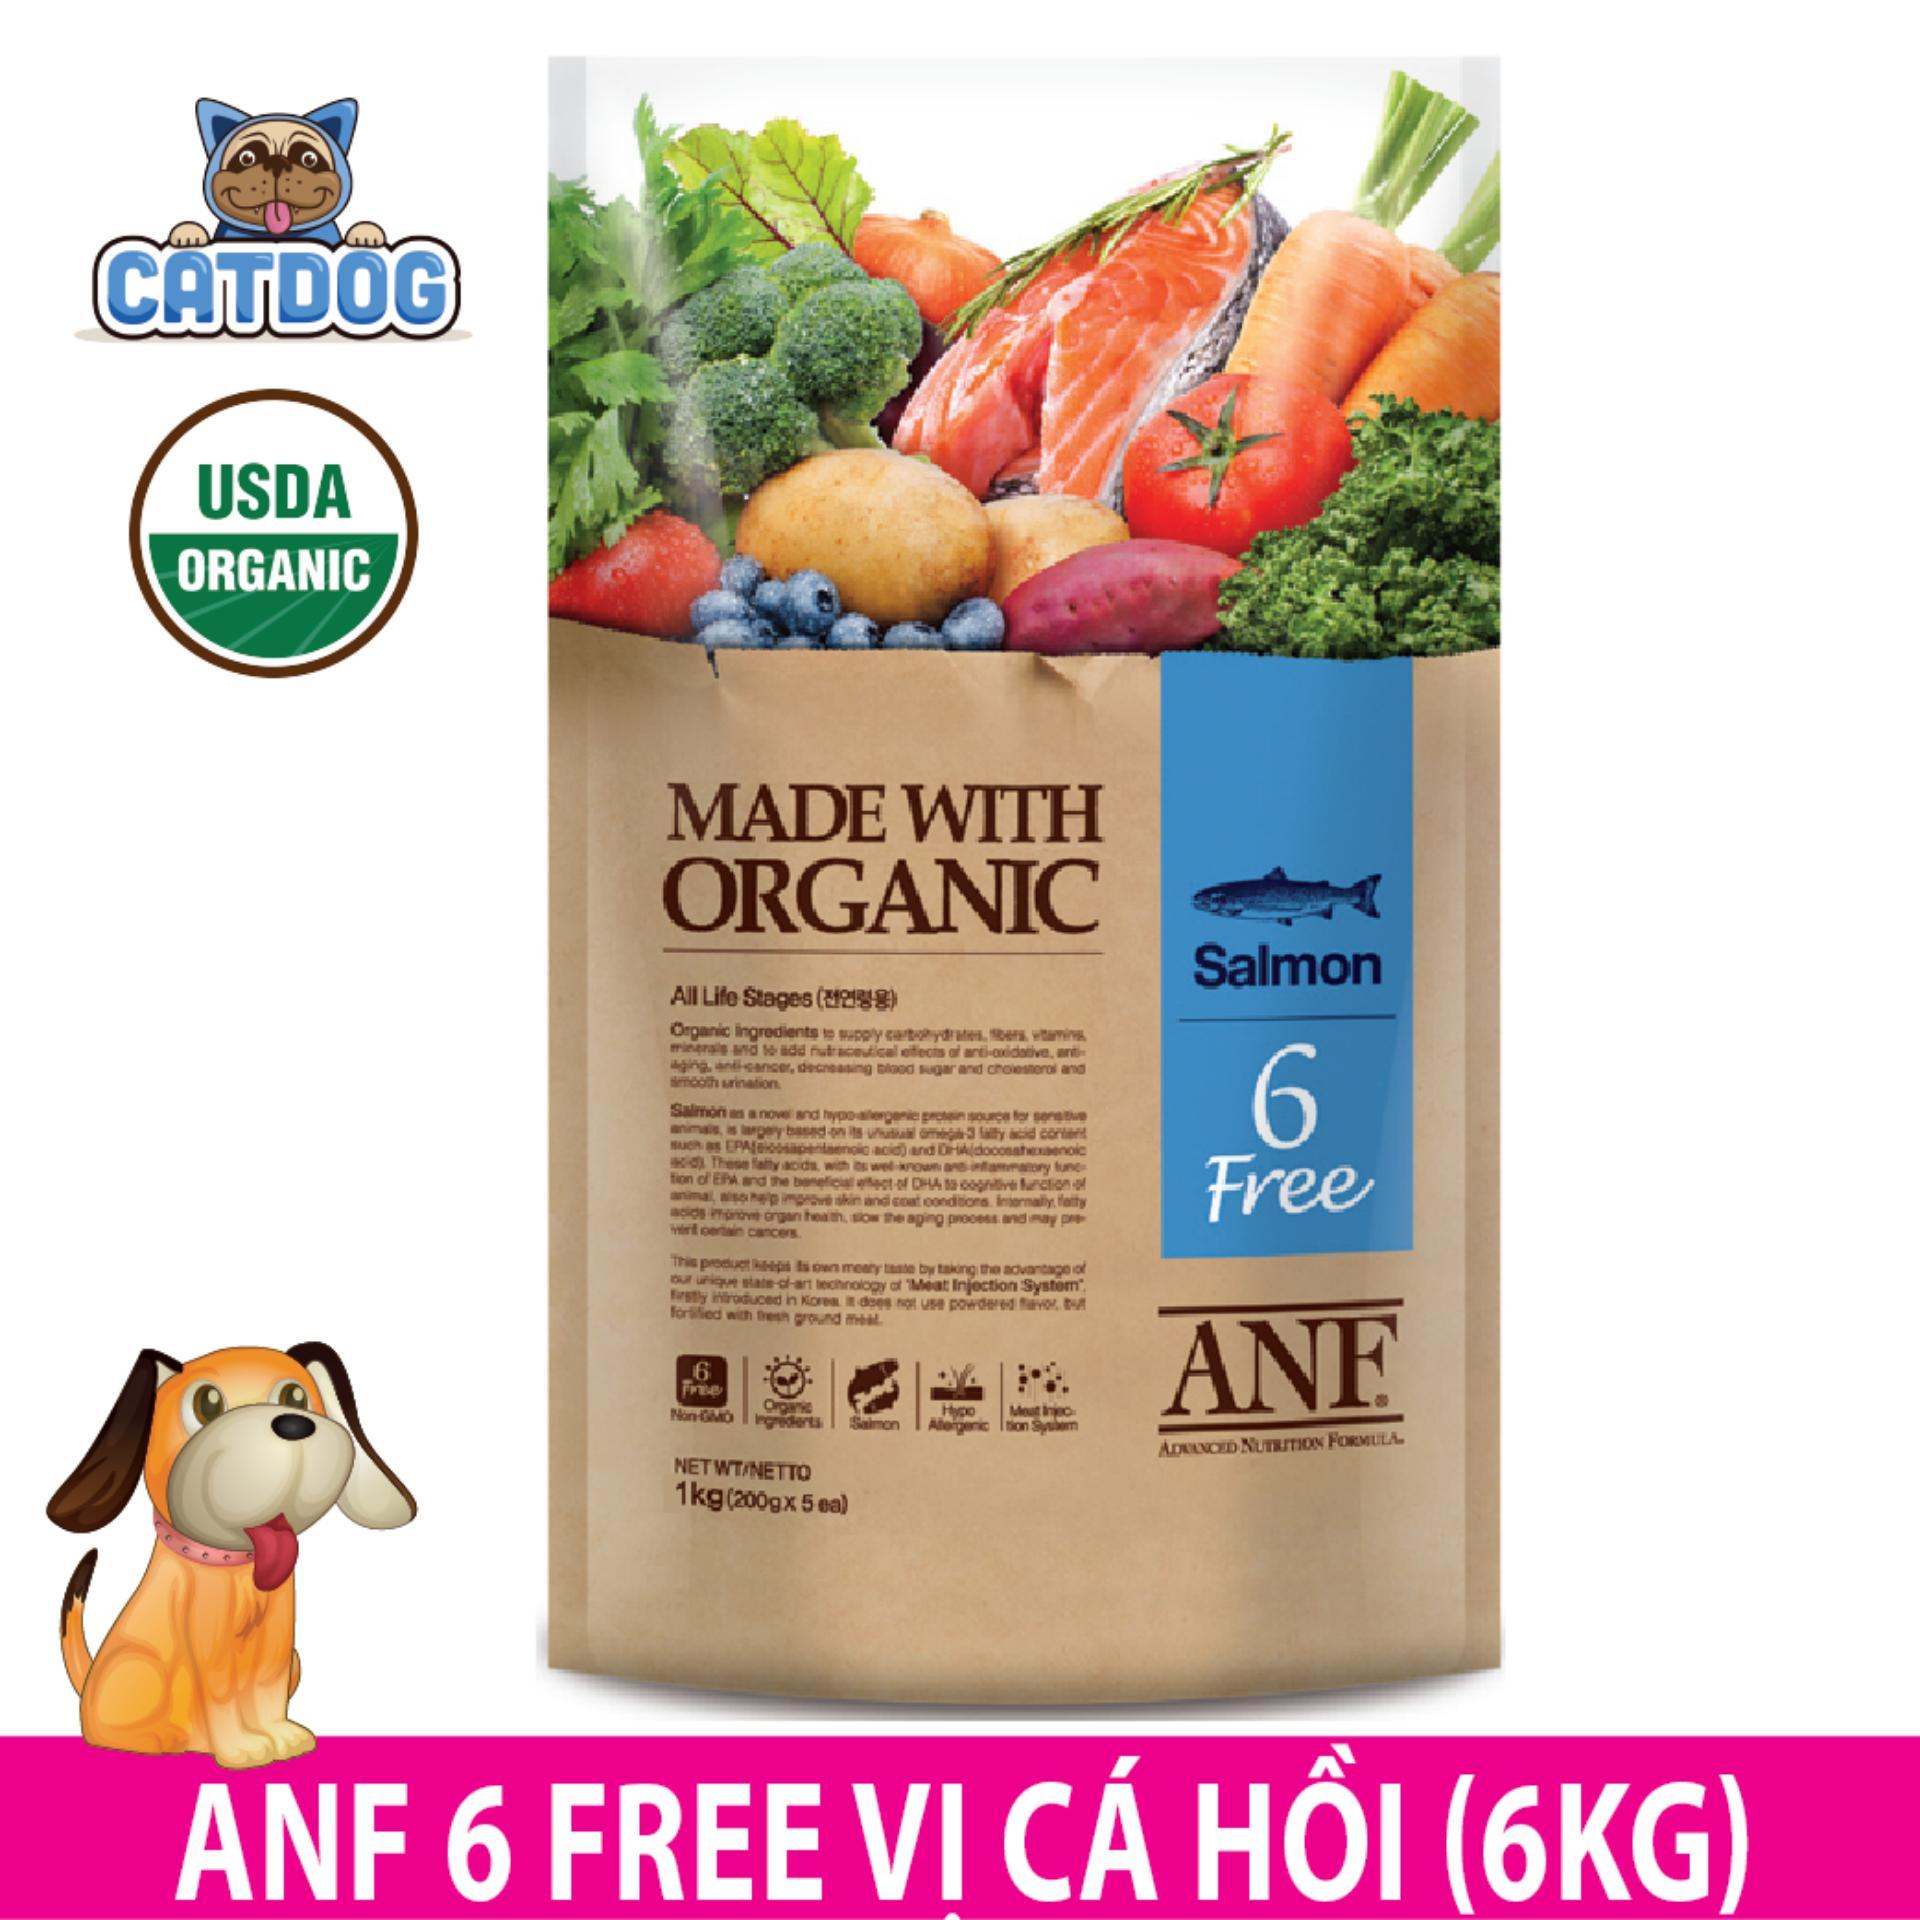 Bán Hạt Anf 6 Free Organic Vị Ca Hồi 6Kg Cho Anf Nguyên